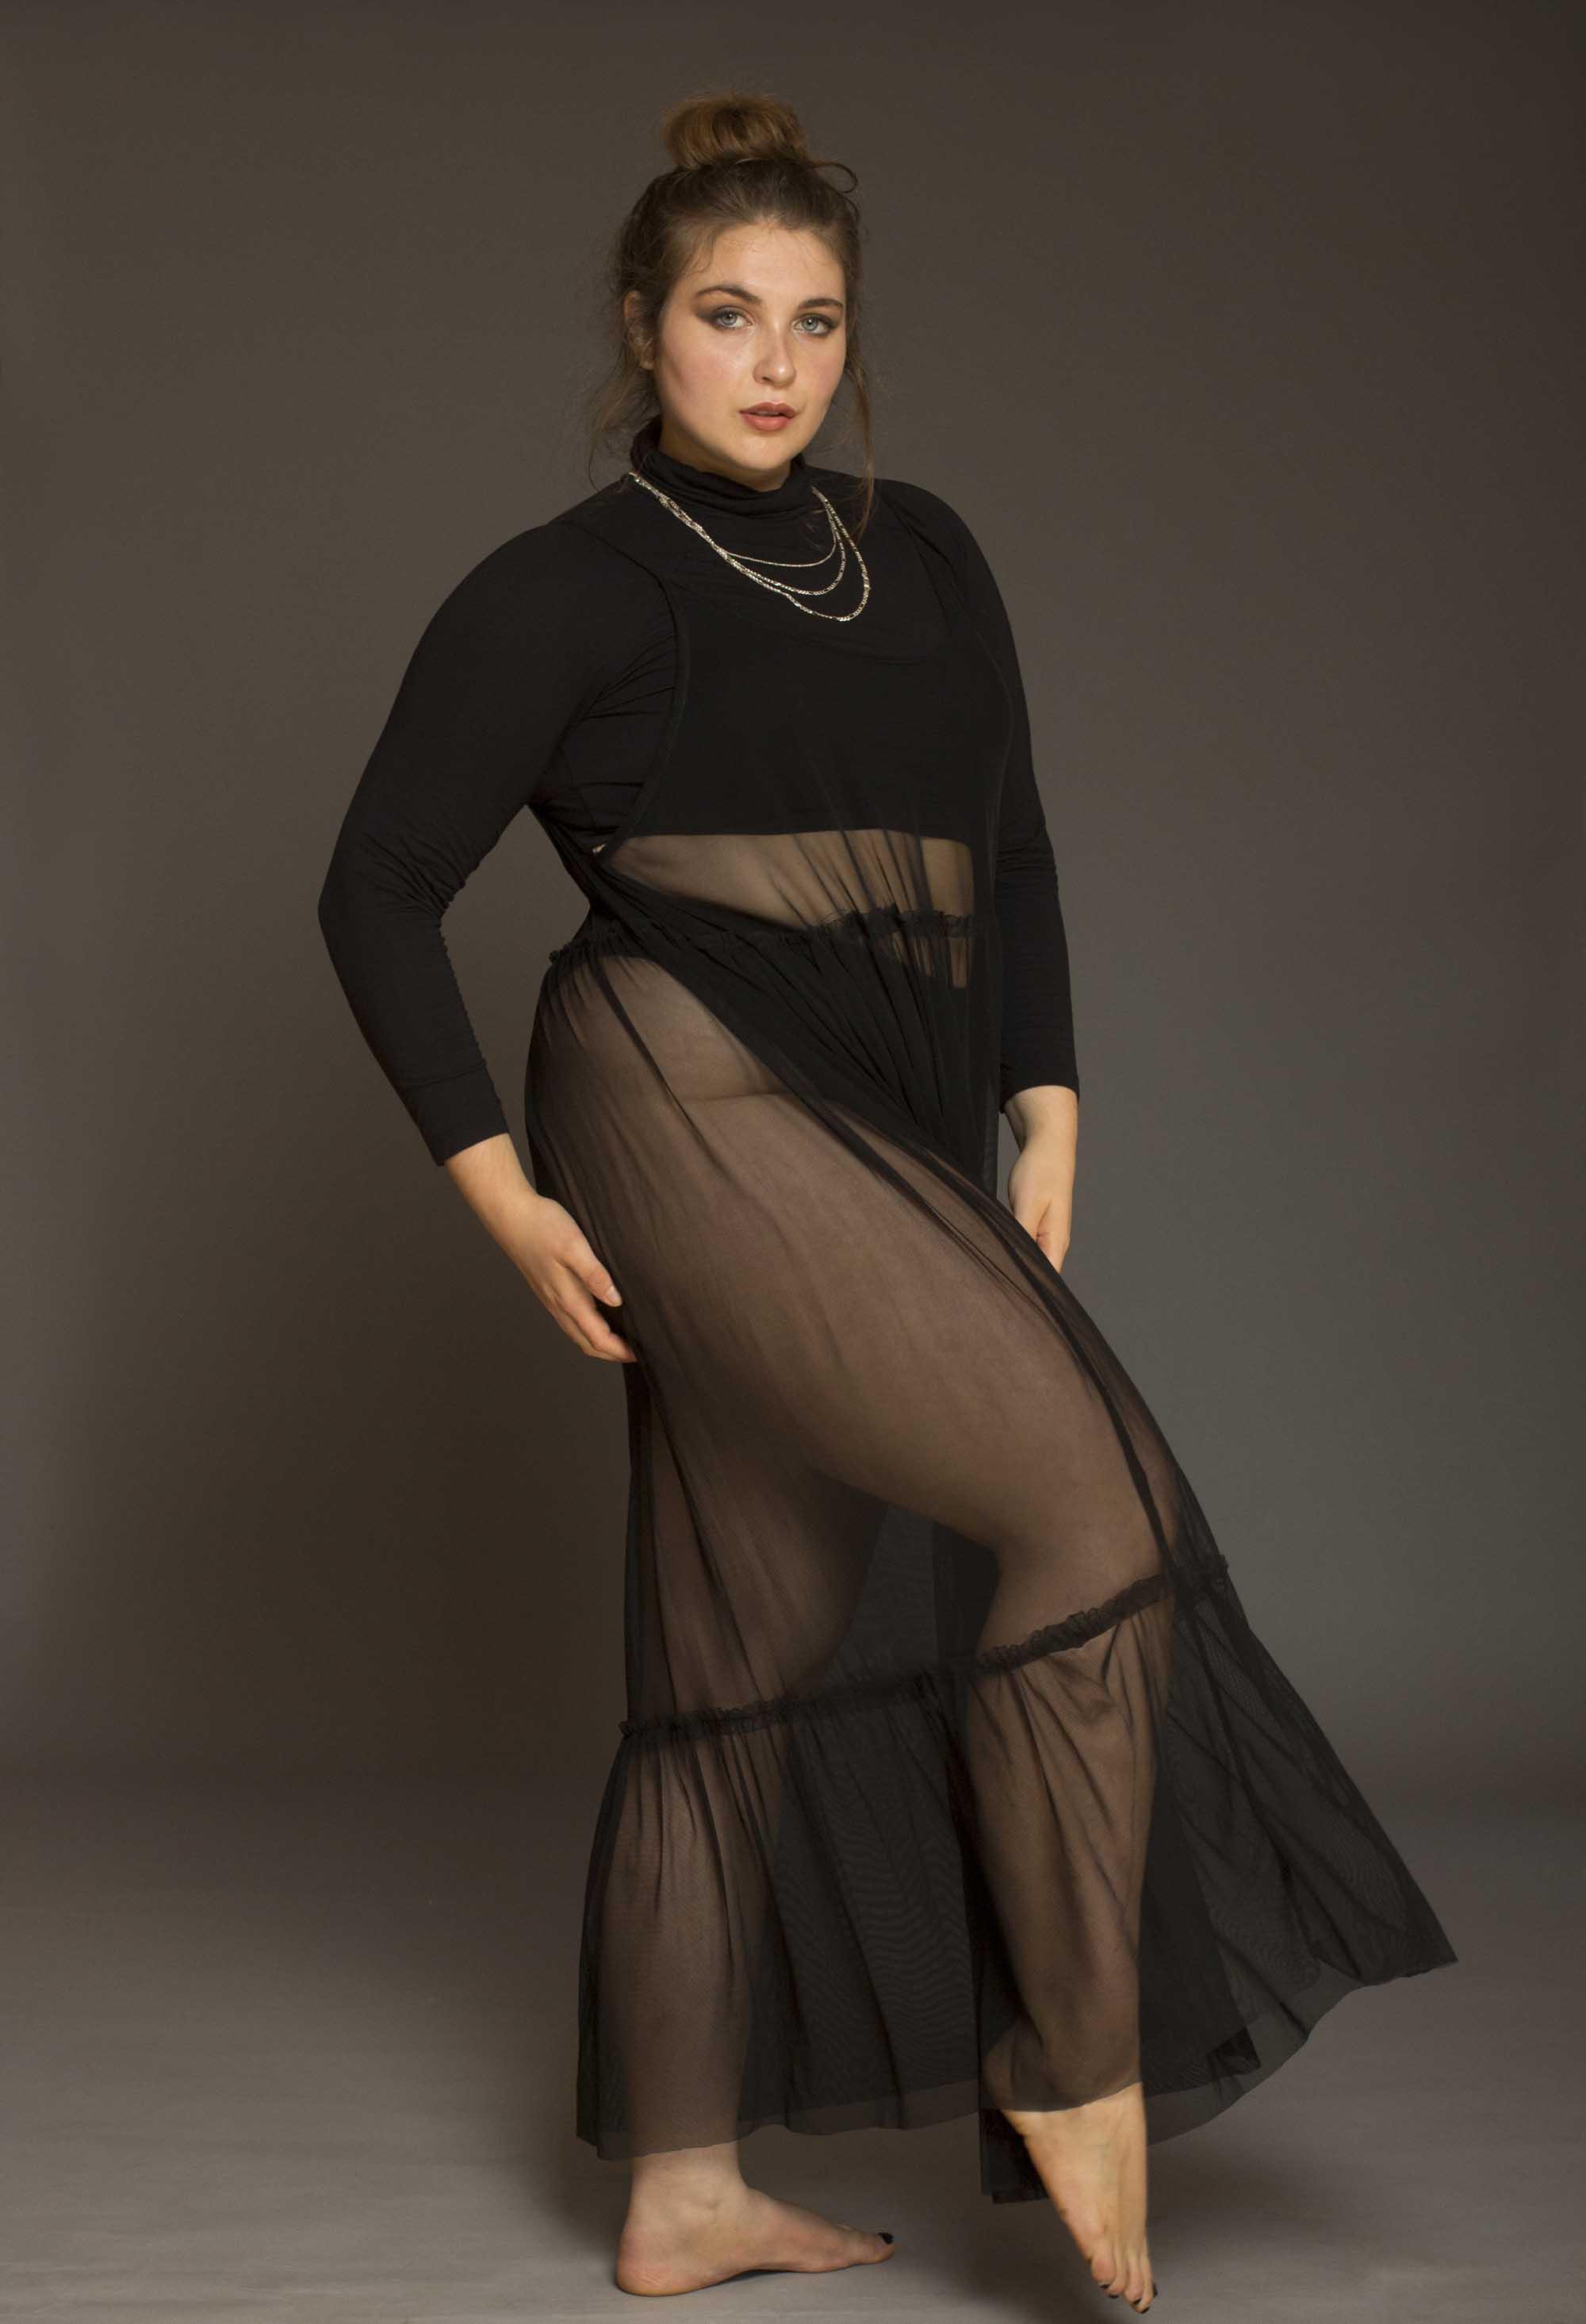 לורן שטרן. צילום: הדר חזן, Fashion Israel-מגזין אופנה ישראלי - 7